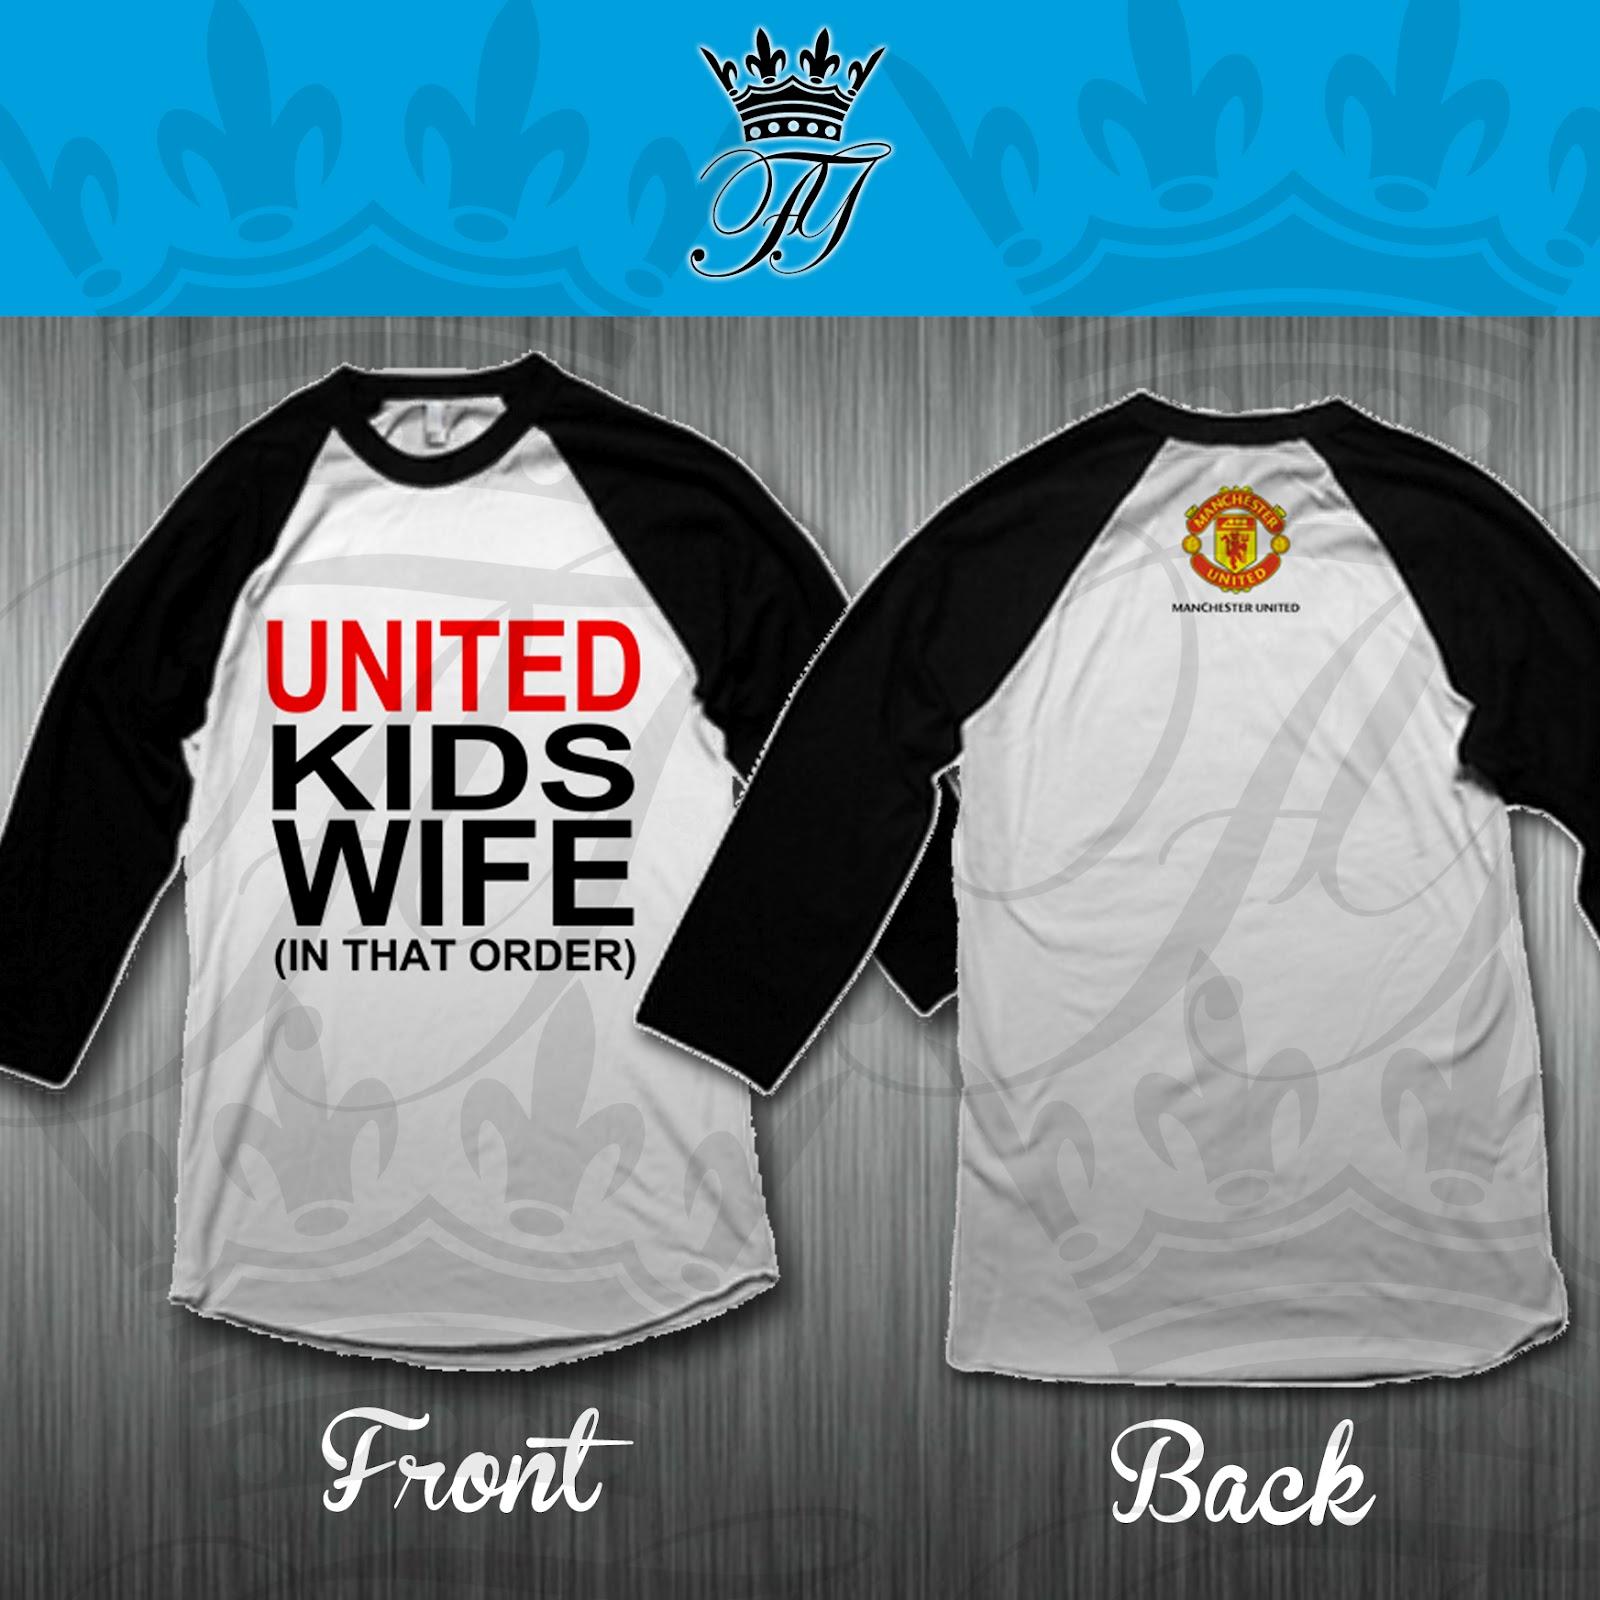 http://1.bp.blogspot.com/-4qSxlYdZ5TI/T72hMm7kfbI/AAAAAAAAAWM/UOnqwjEV7H4/s1600/united-kids-wife-raglan.jpg